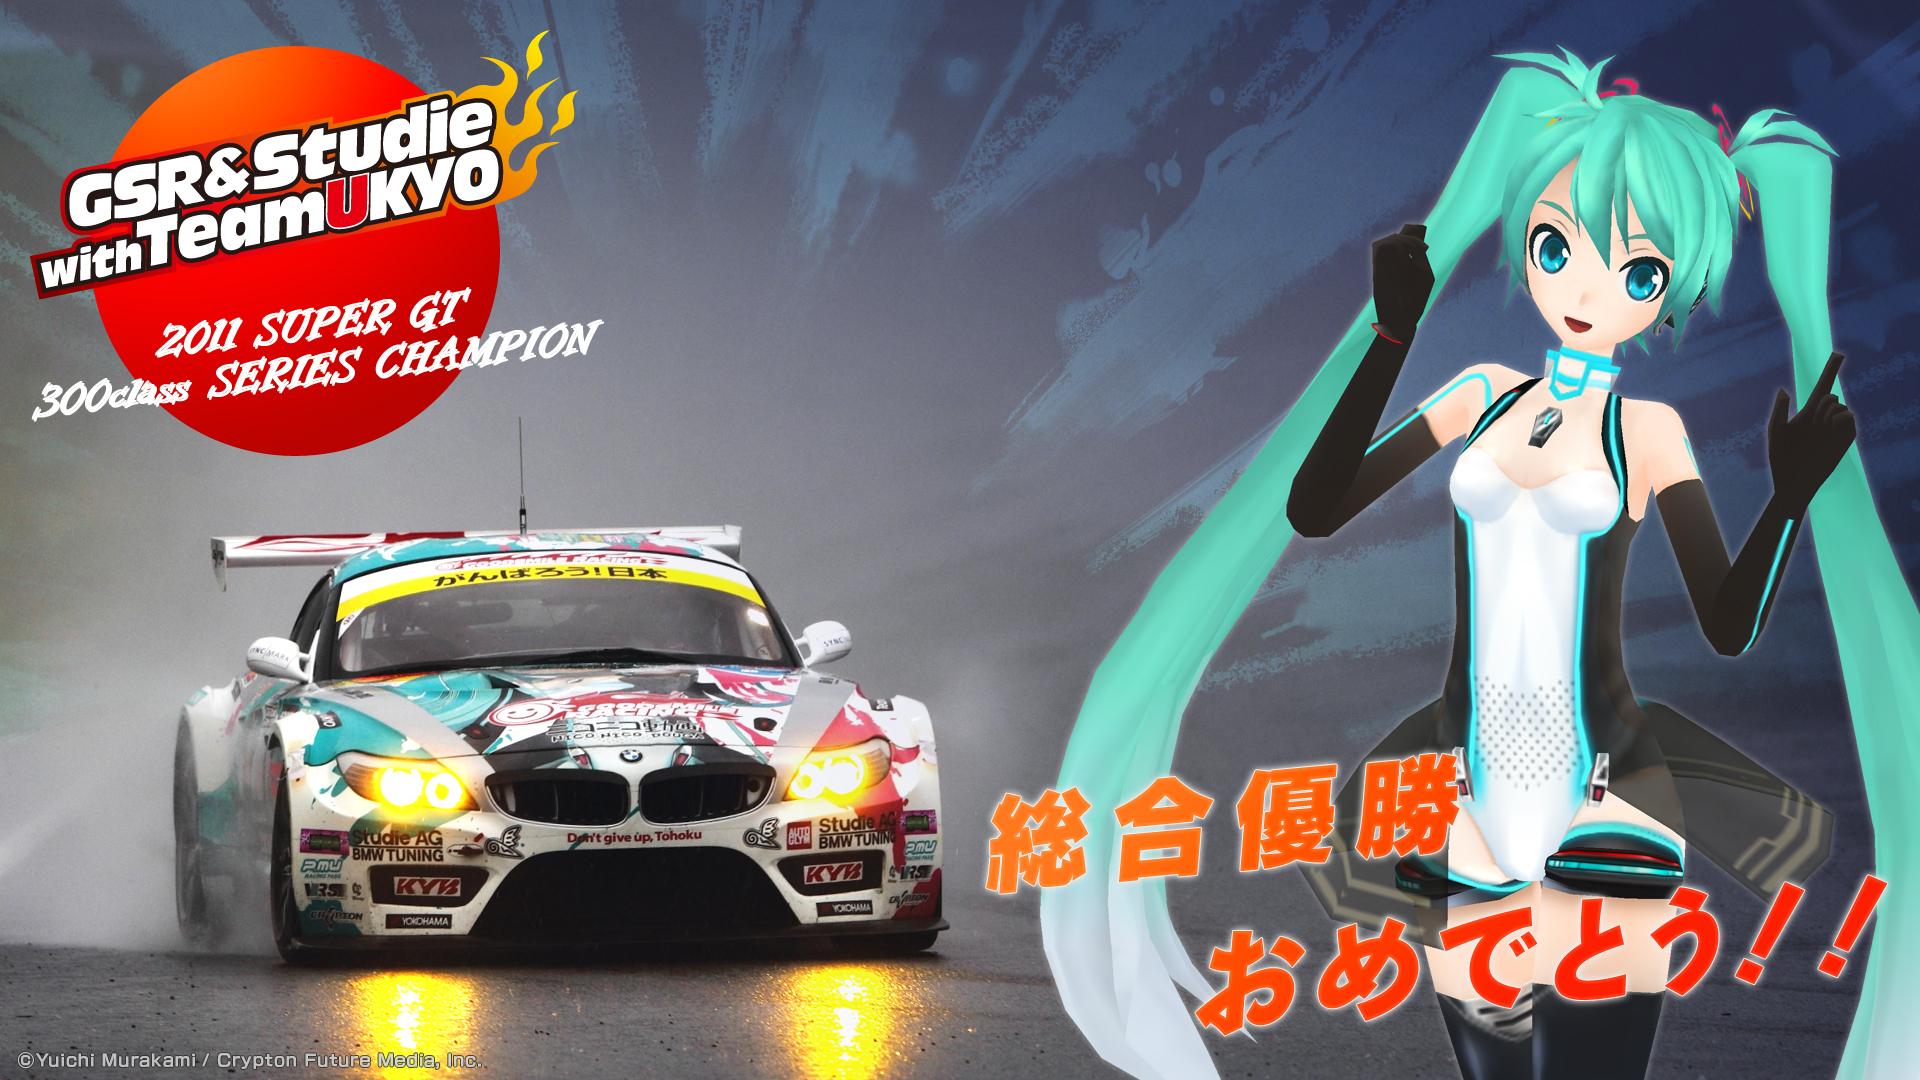 初音ミク グッドスマイルbmw 2011 Super Gt シリーズチャンピオン